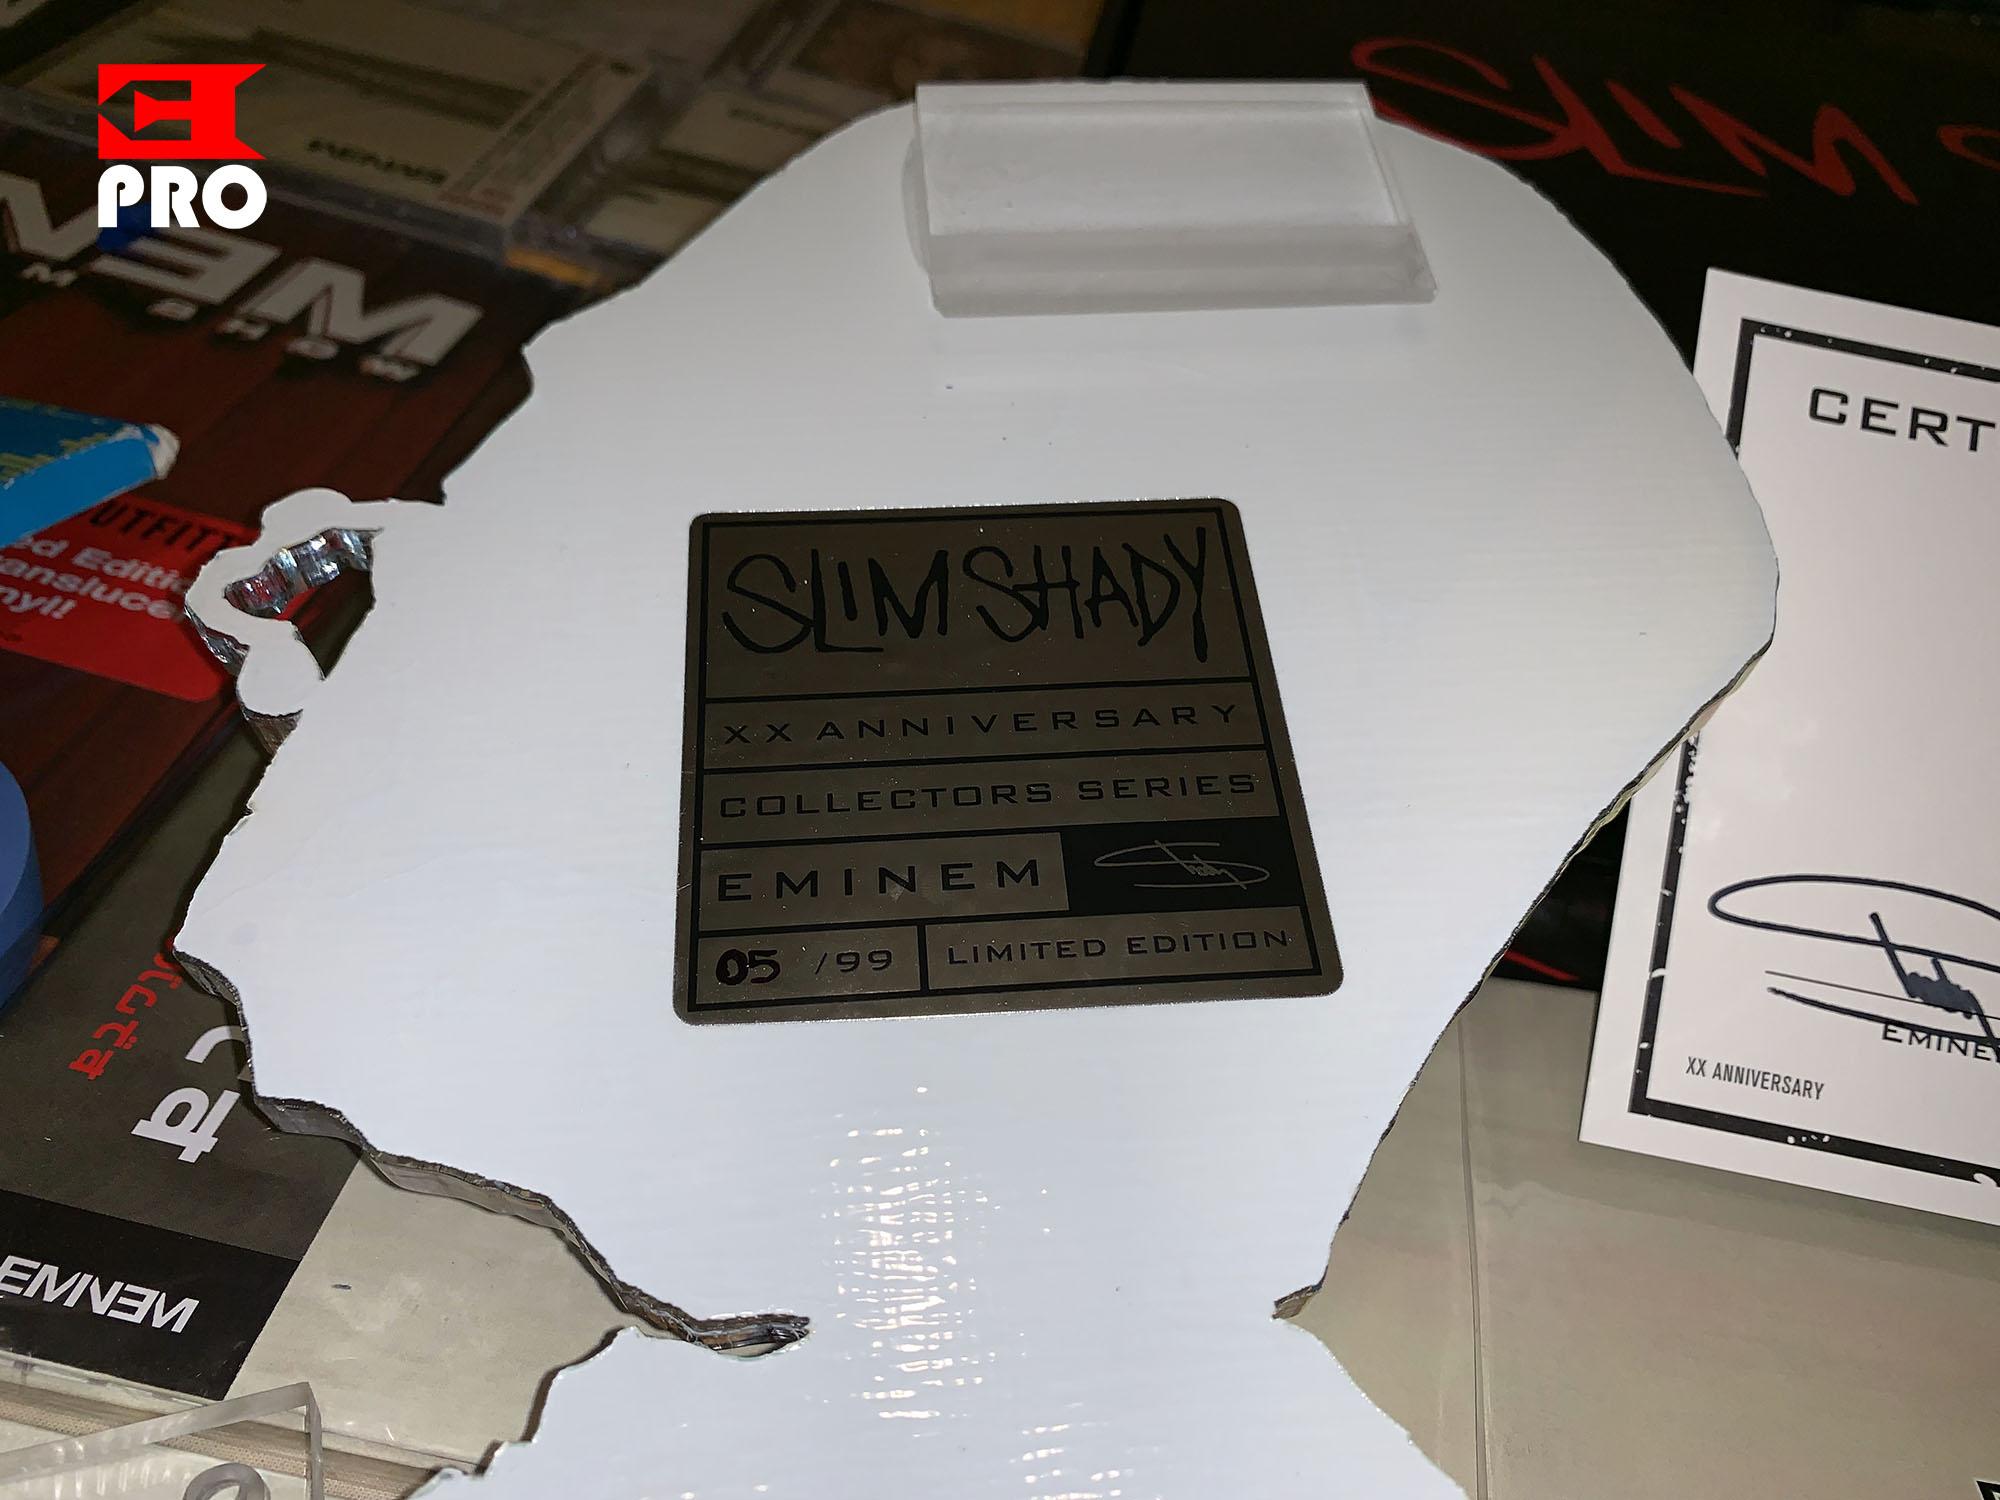 Распаковка акриловой фигурки «SKAM Pill» с автографом Эминема из юбилейной капсулы к 20-летию альбома «The Slim Shady LP»